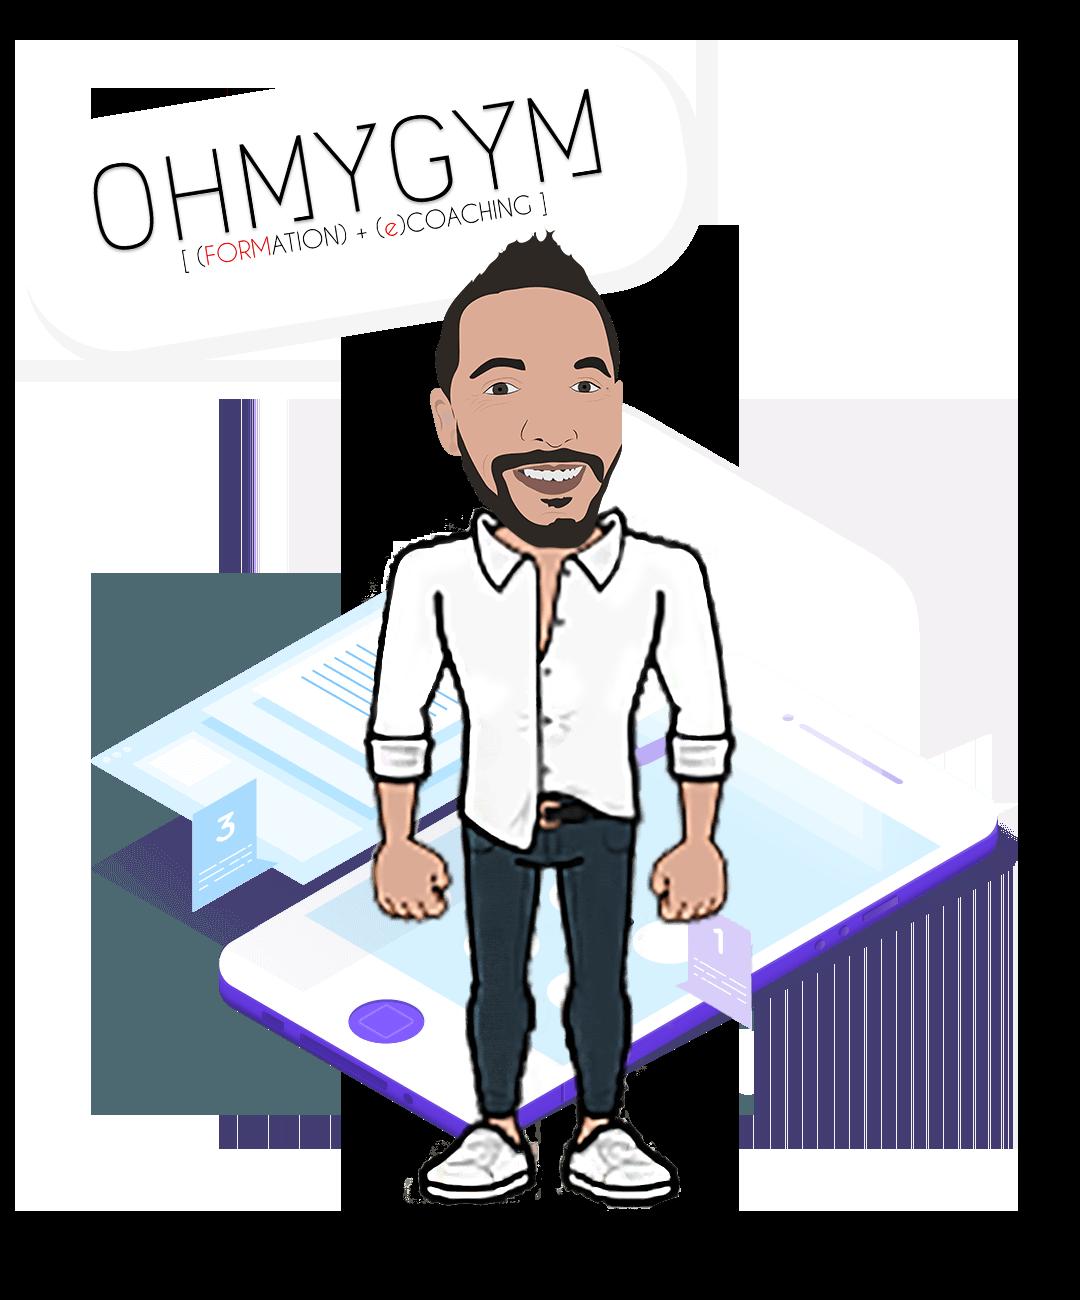 Erwan Formateur avec logo ohmygym et icone